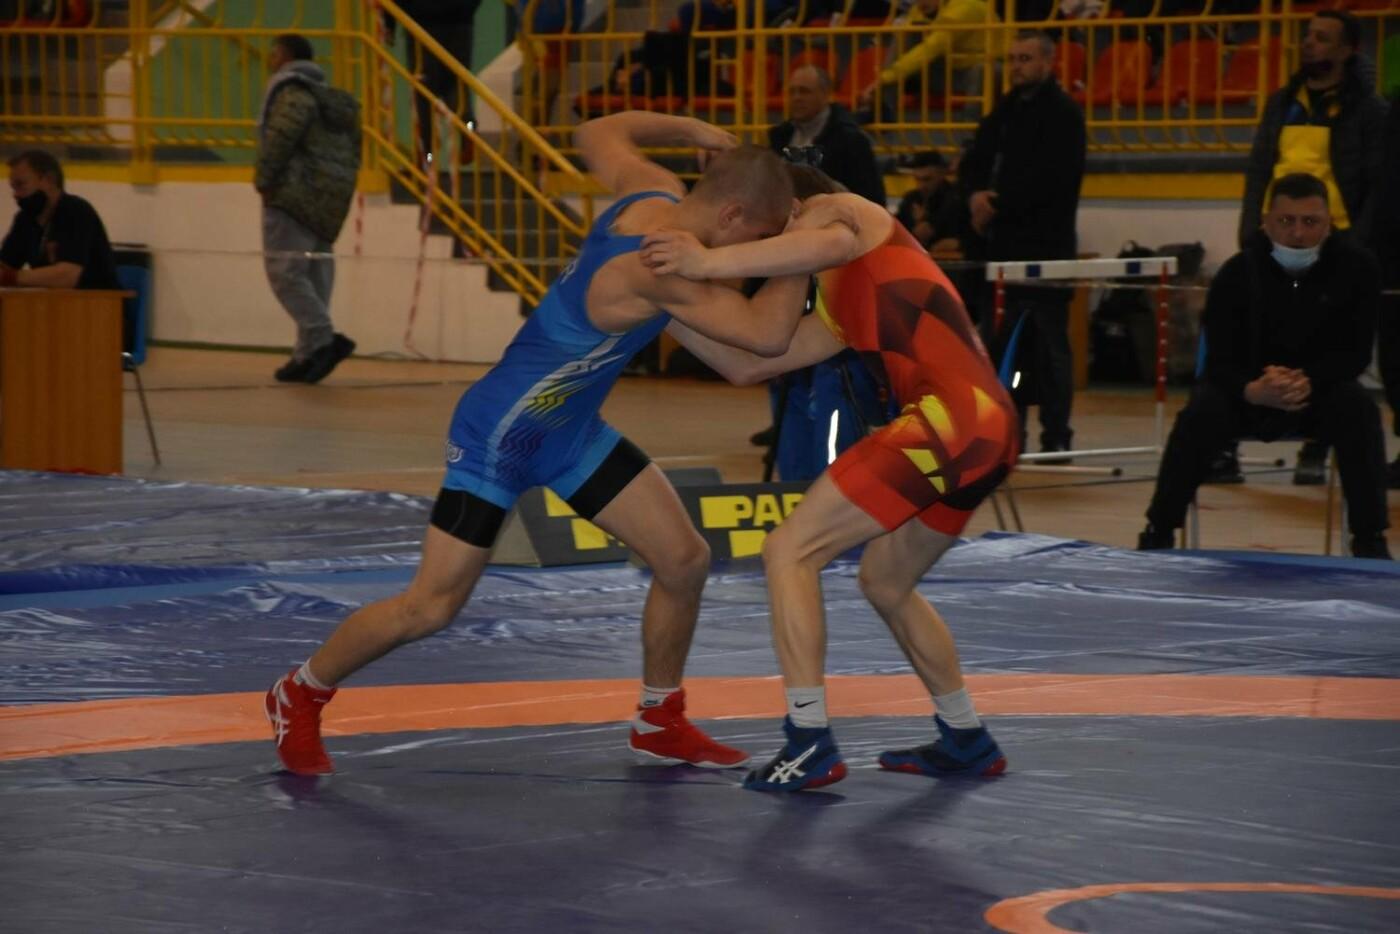 У Сумах проходить чемпіонат України з греко-римської боротьби серед дорослих до 23 років, фото-1